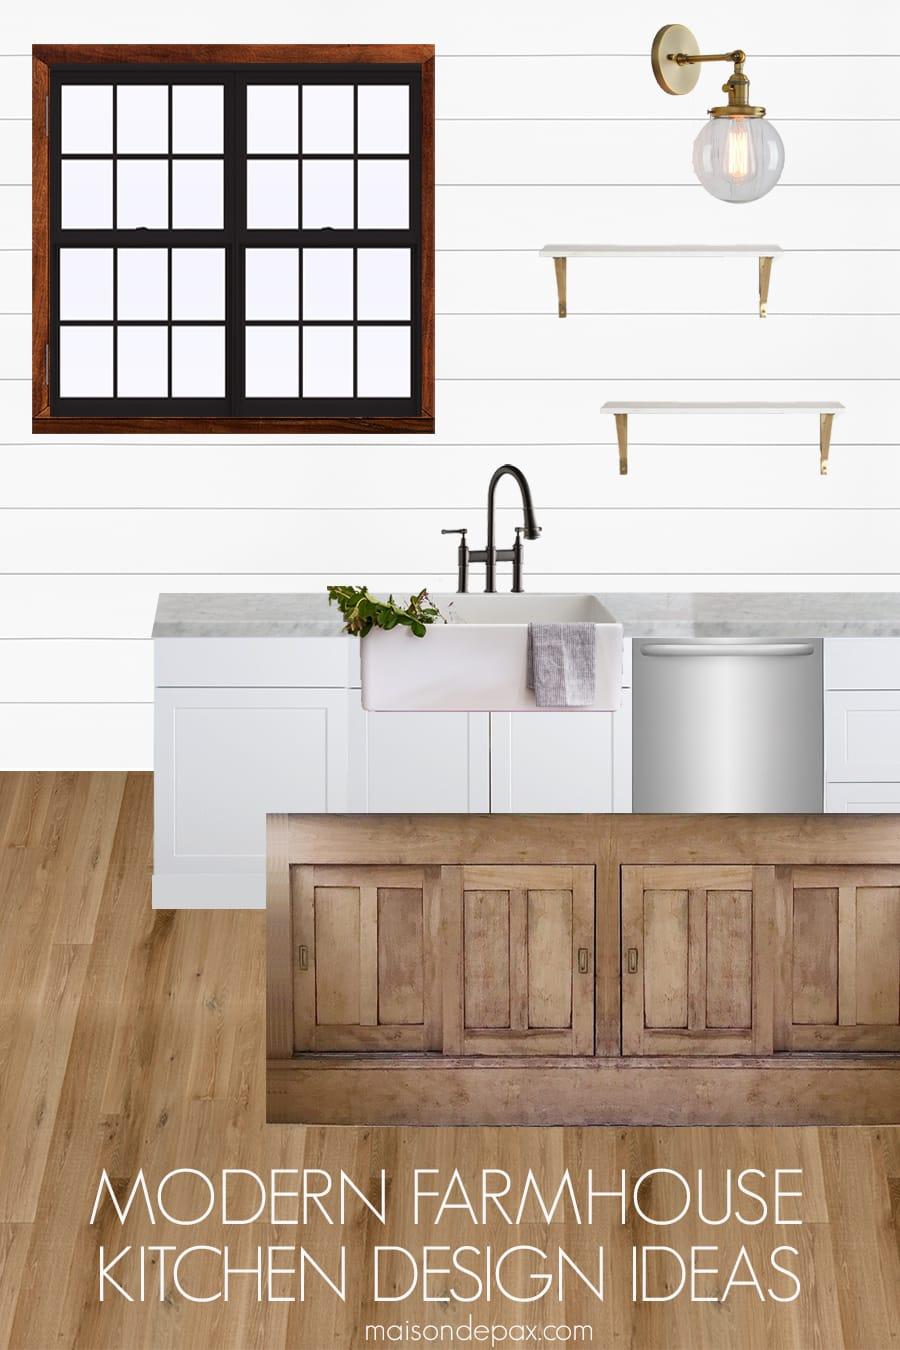 rustic modern farmhouse kitchen design ideas - maison de pax